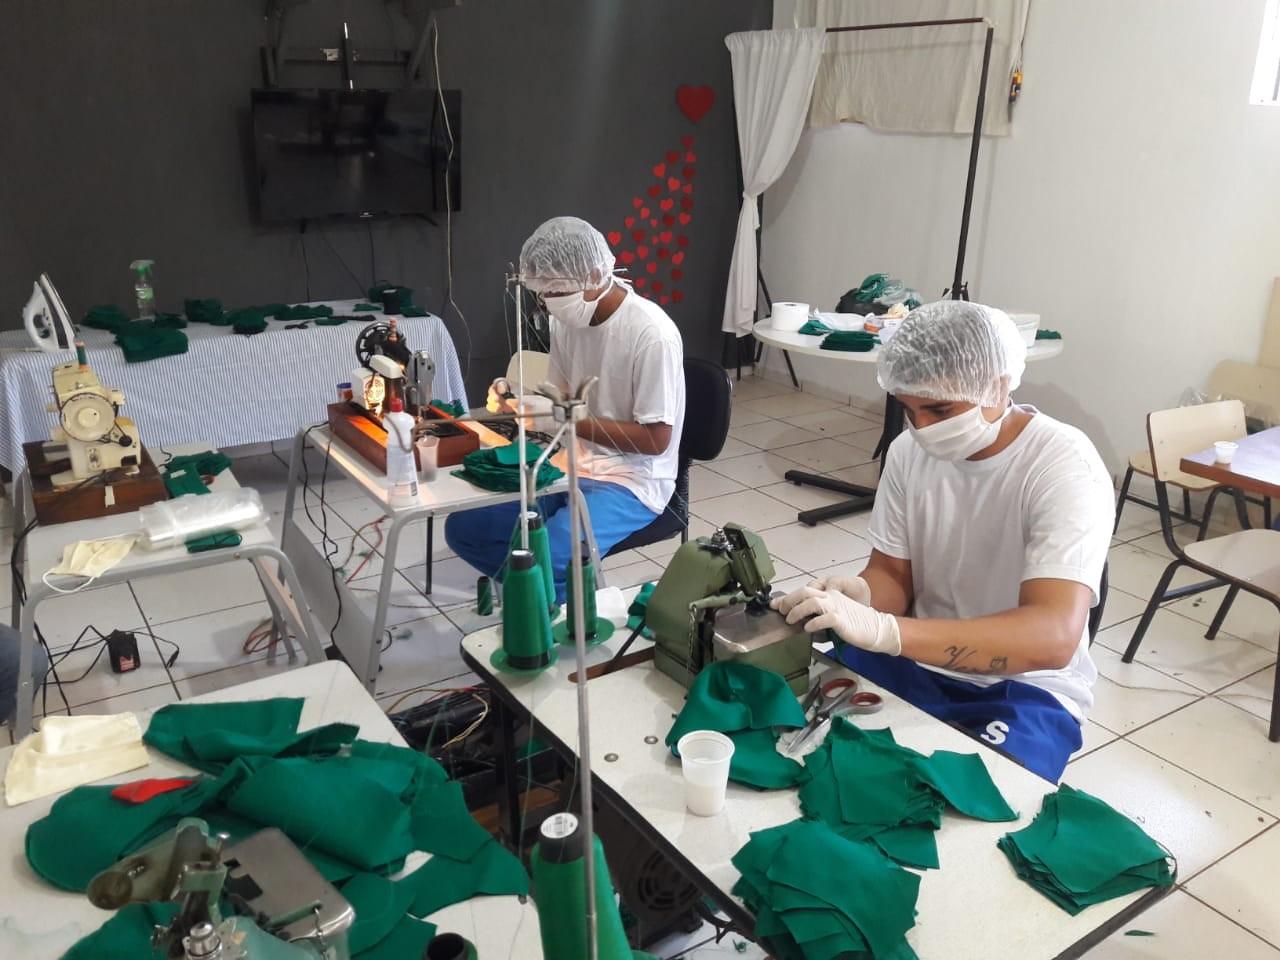 Covid-19: adolescentes de centros socioeducativos do Triângulo e Alto Paranaíba aprendem a produzir máscaras